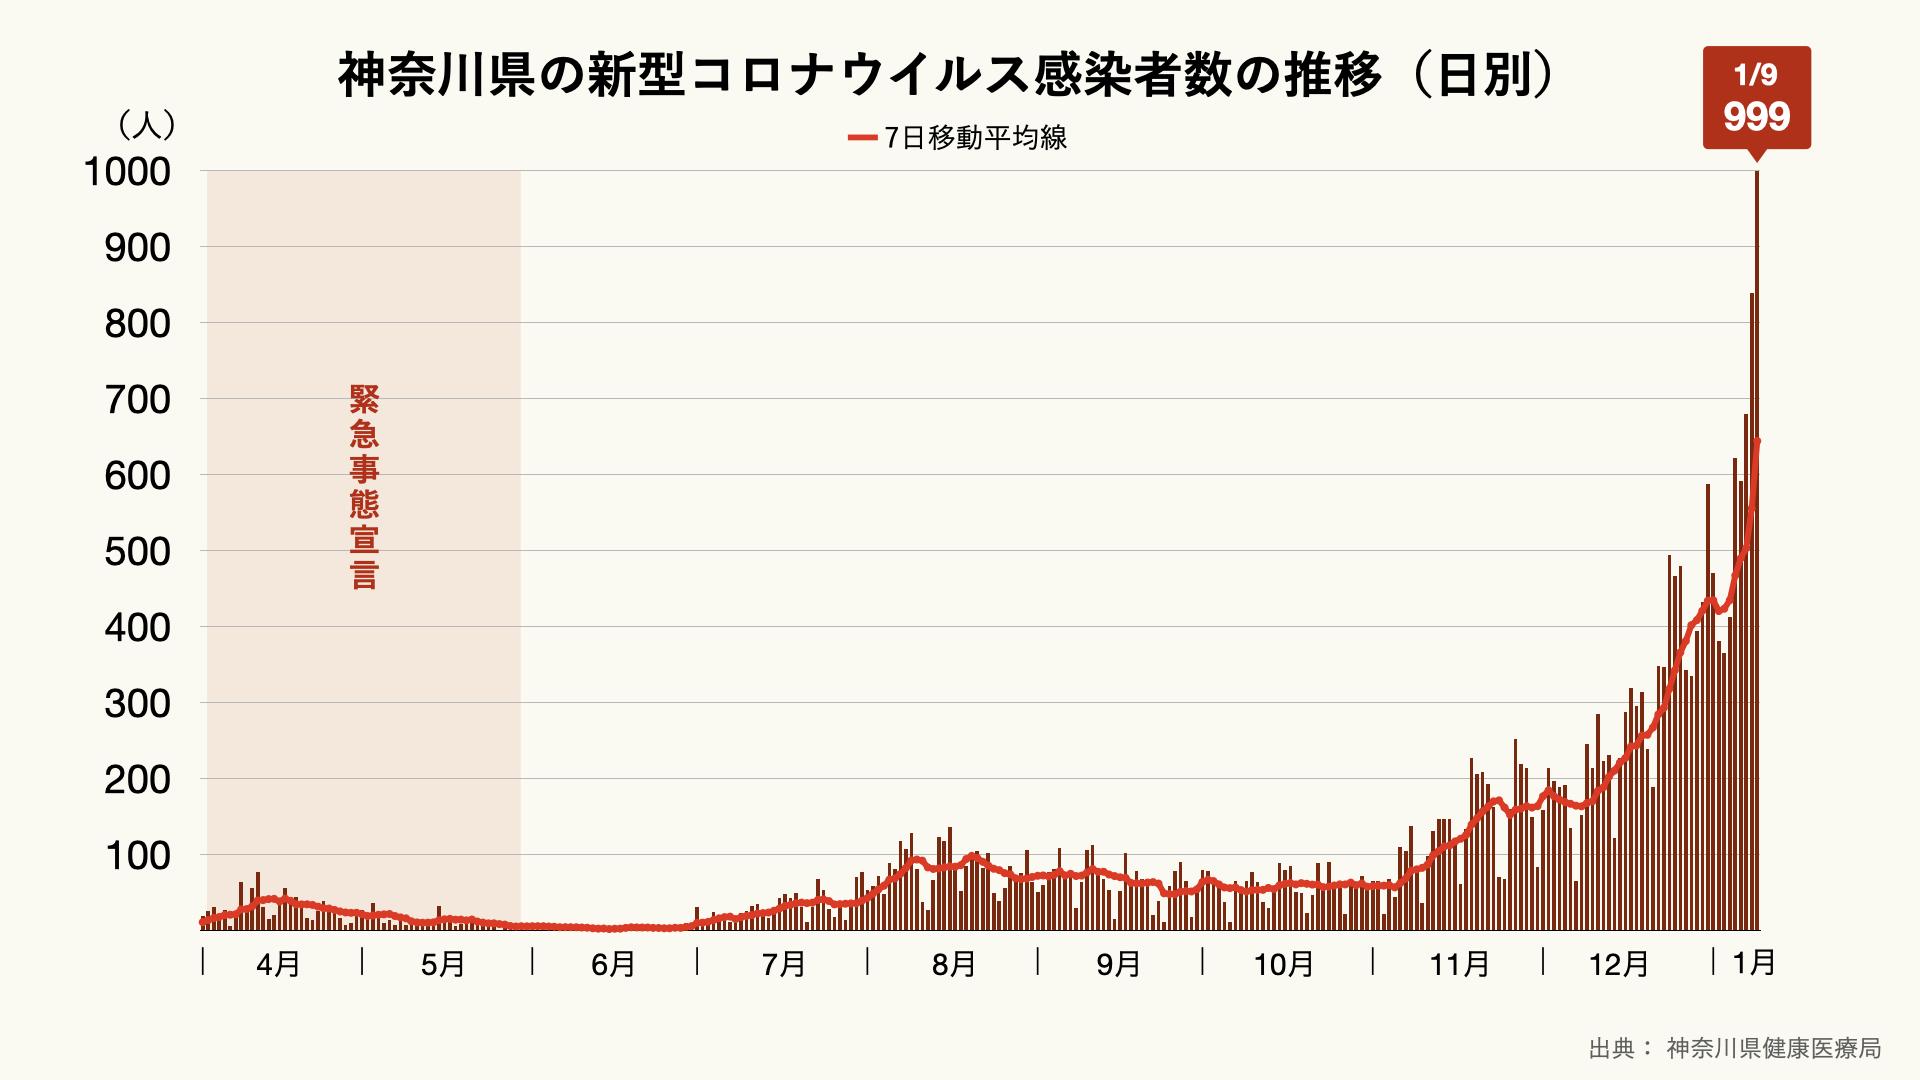 神奈川県の新型コロナウイルス感染者数の推移(日別)のグラフ